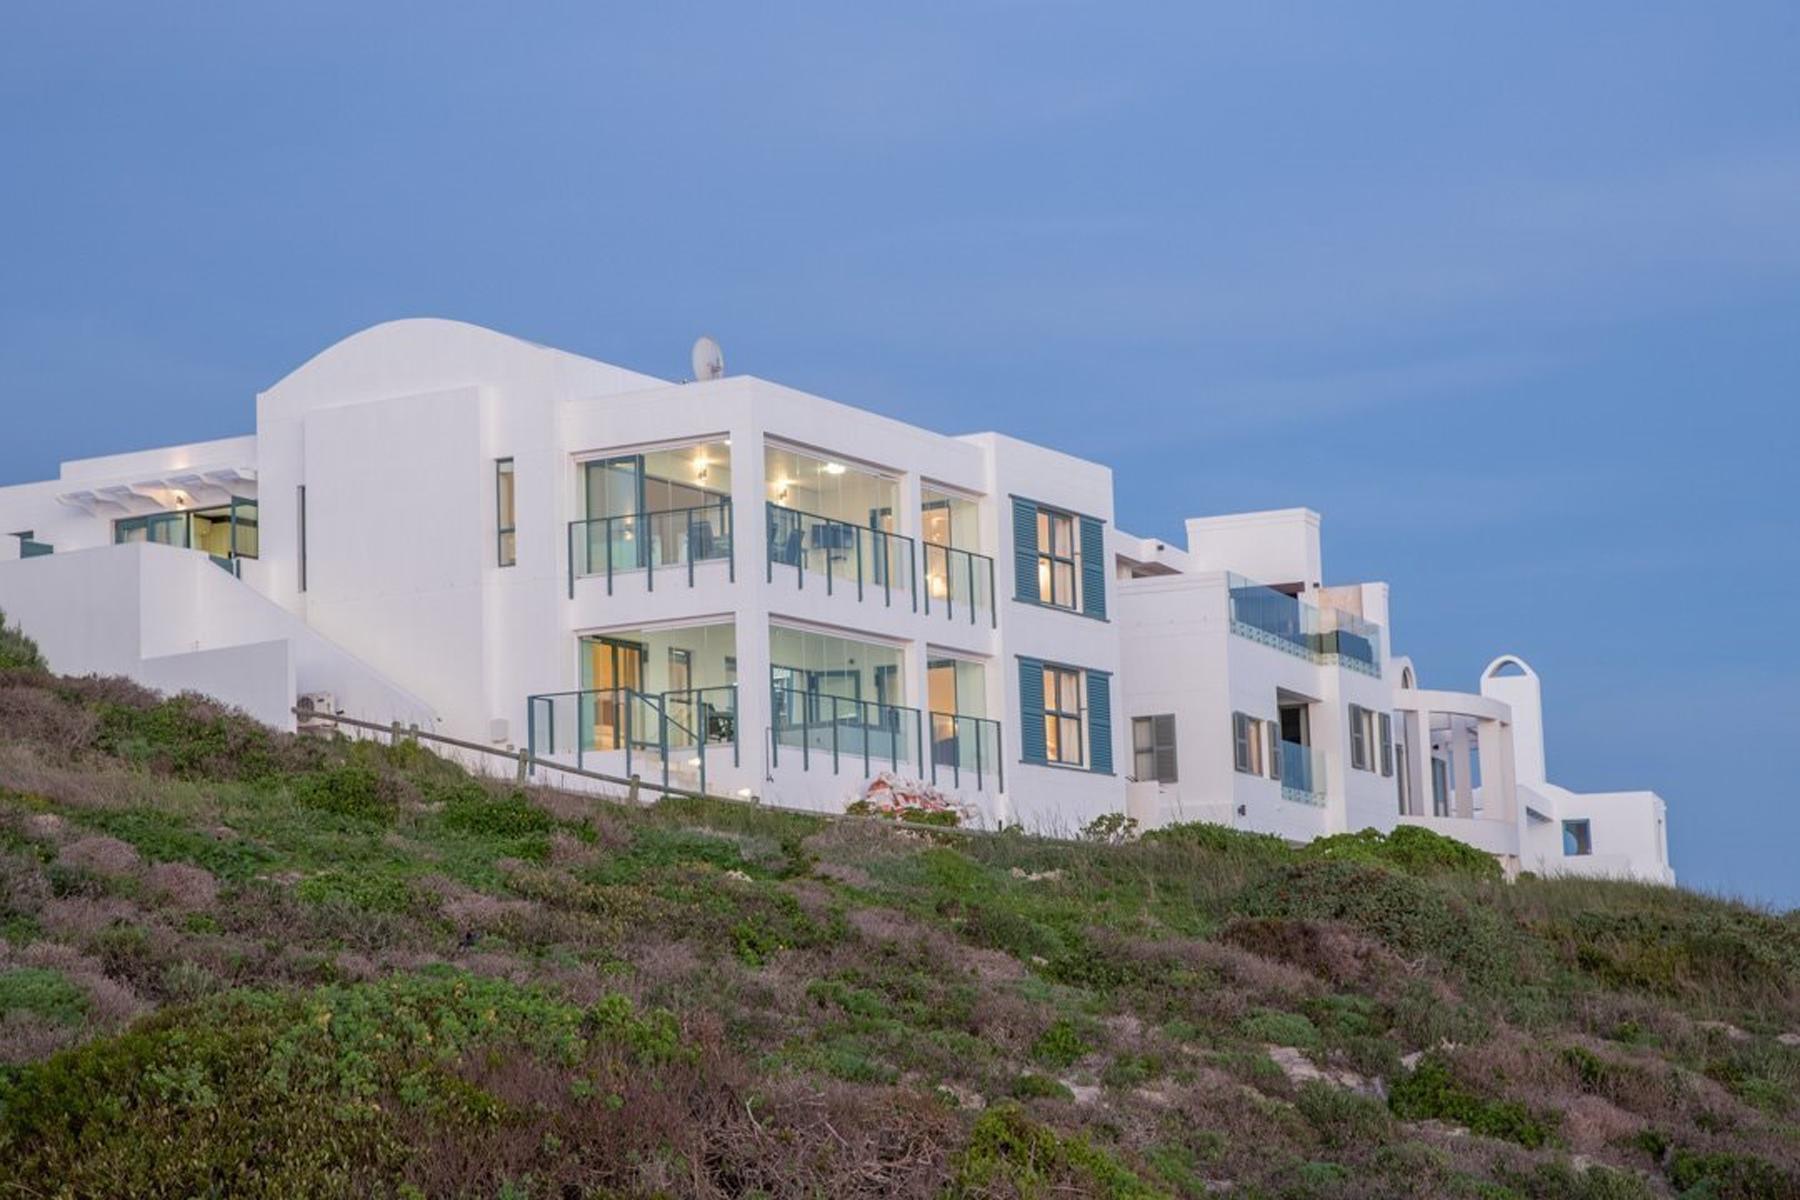 独户住宅 为 销售 在 Club Mykonos 西开普其他地方, 西开普省, 南非